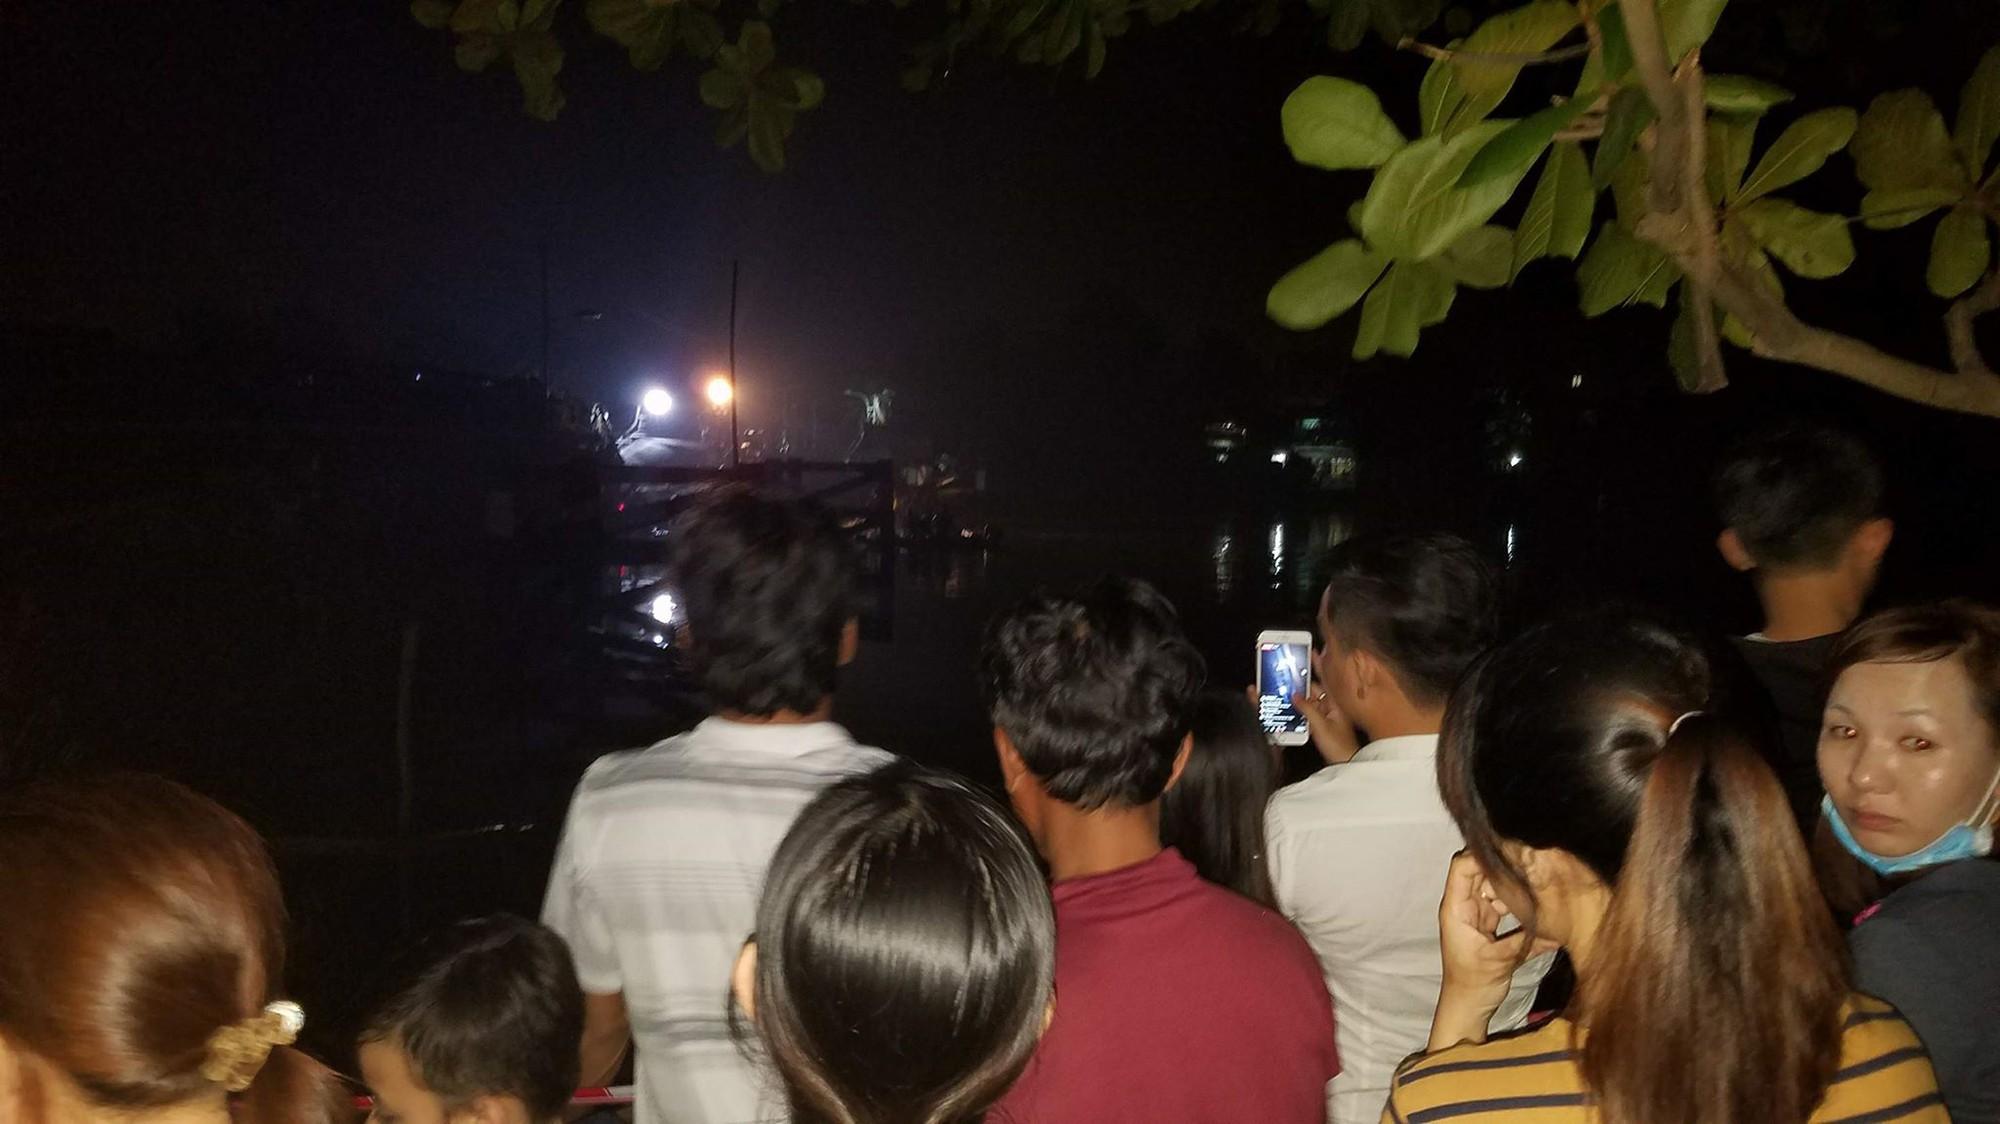 Nhân chứng vụ sập cầu ở Sài Gòn: Tài xế trong xe tải chỉ kịp kêu lên Cứu, cứu rồi chìm dần - Ảnh 10.